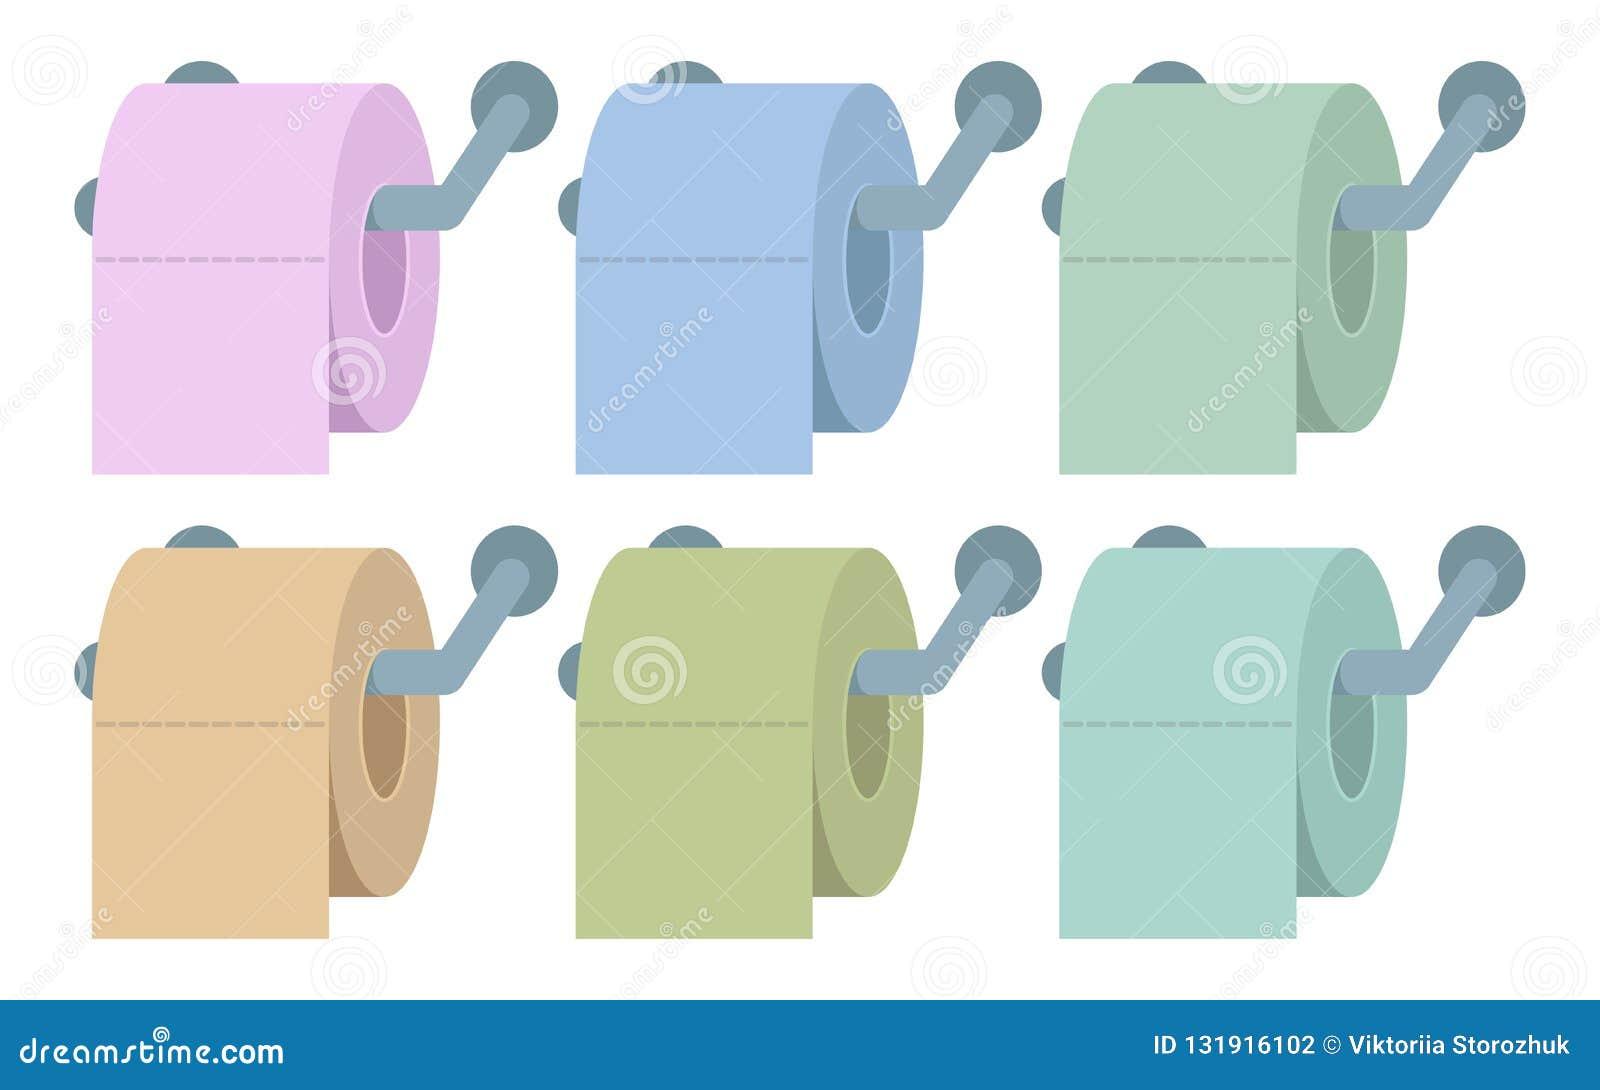 Gekleurd toiletpapier, toiletpapier met lange schaduw, toiletpapierembleem